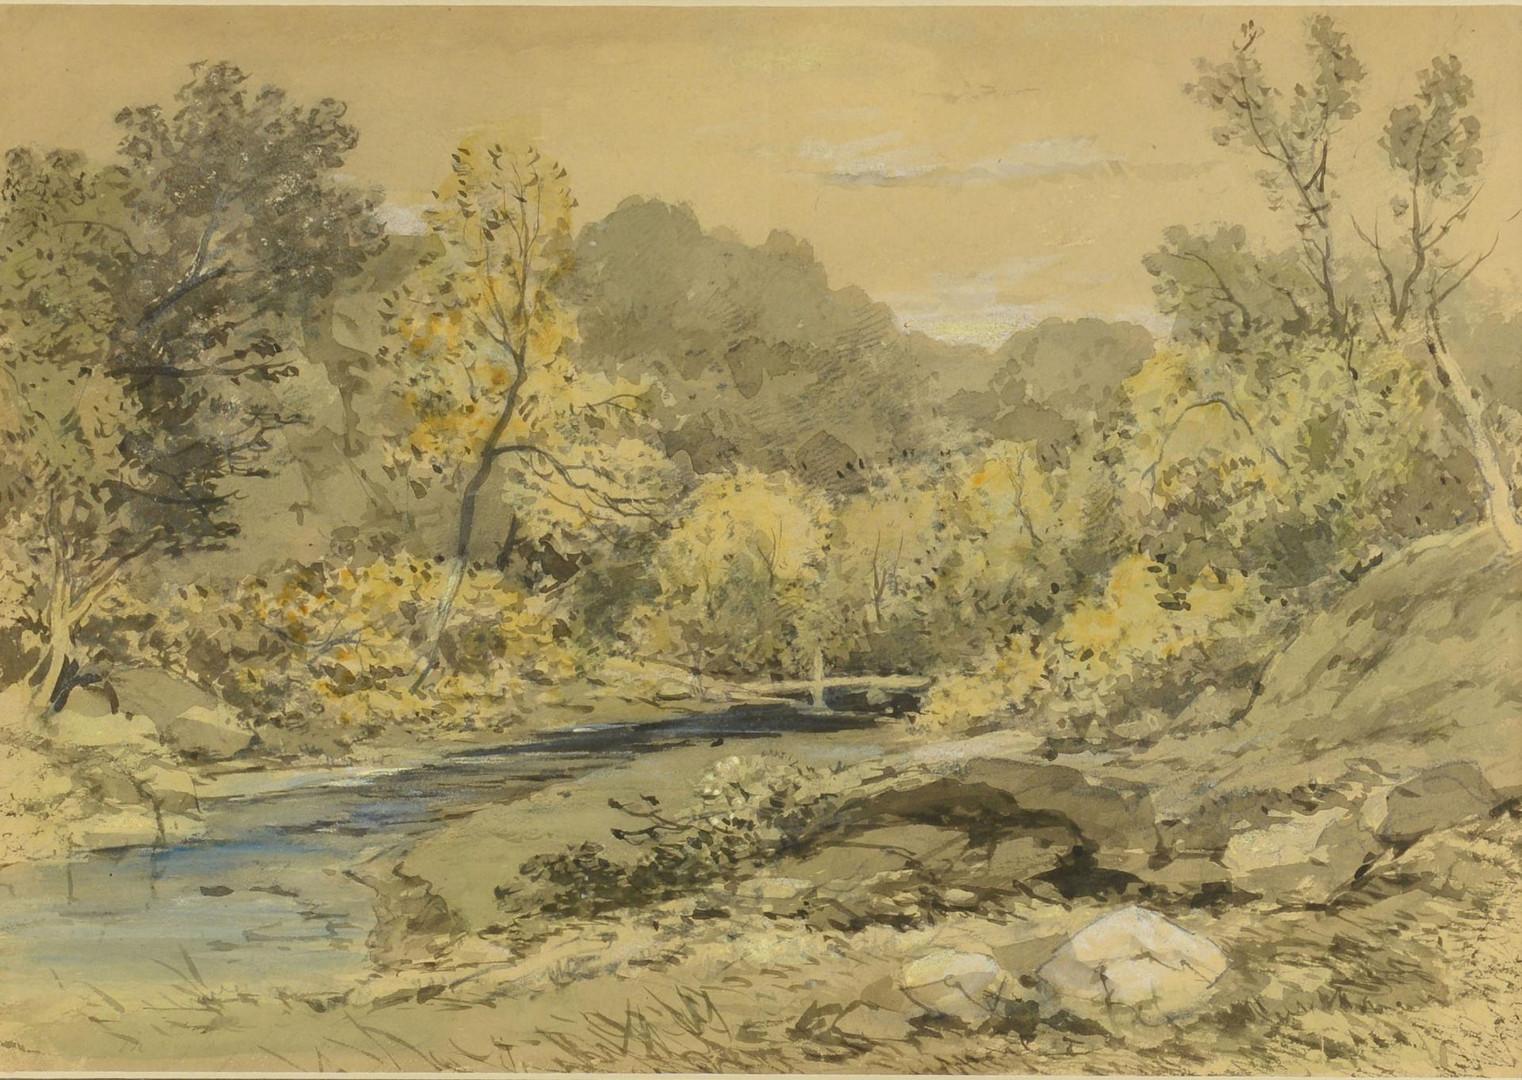 Lot 856: American school watercolor landscape